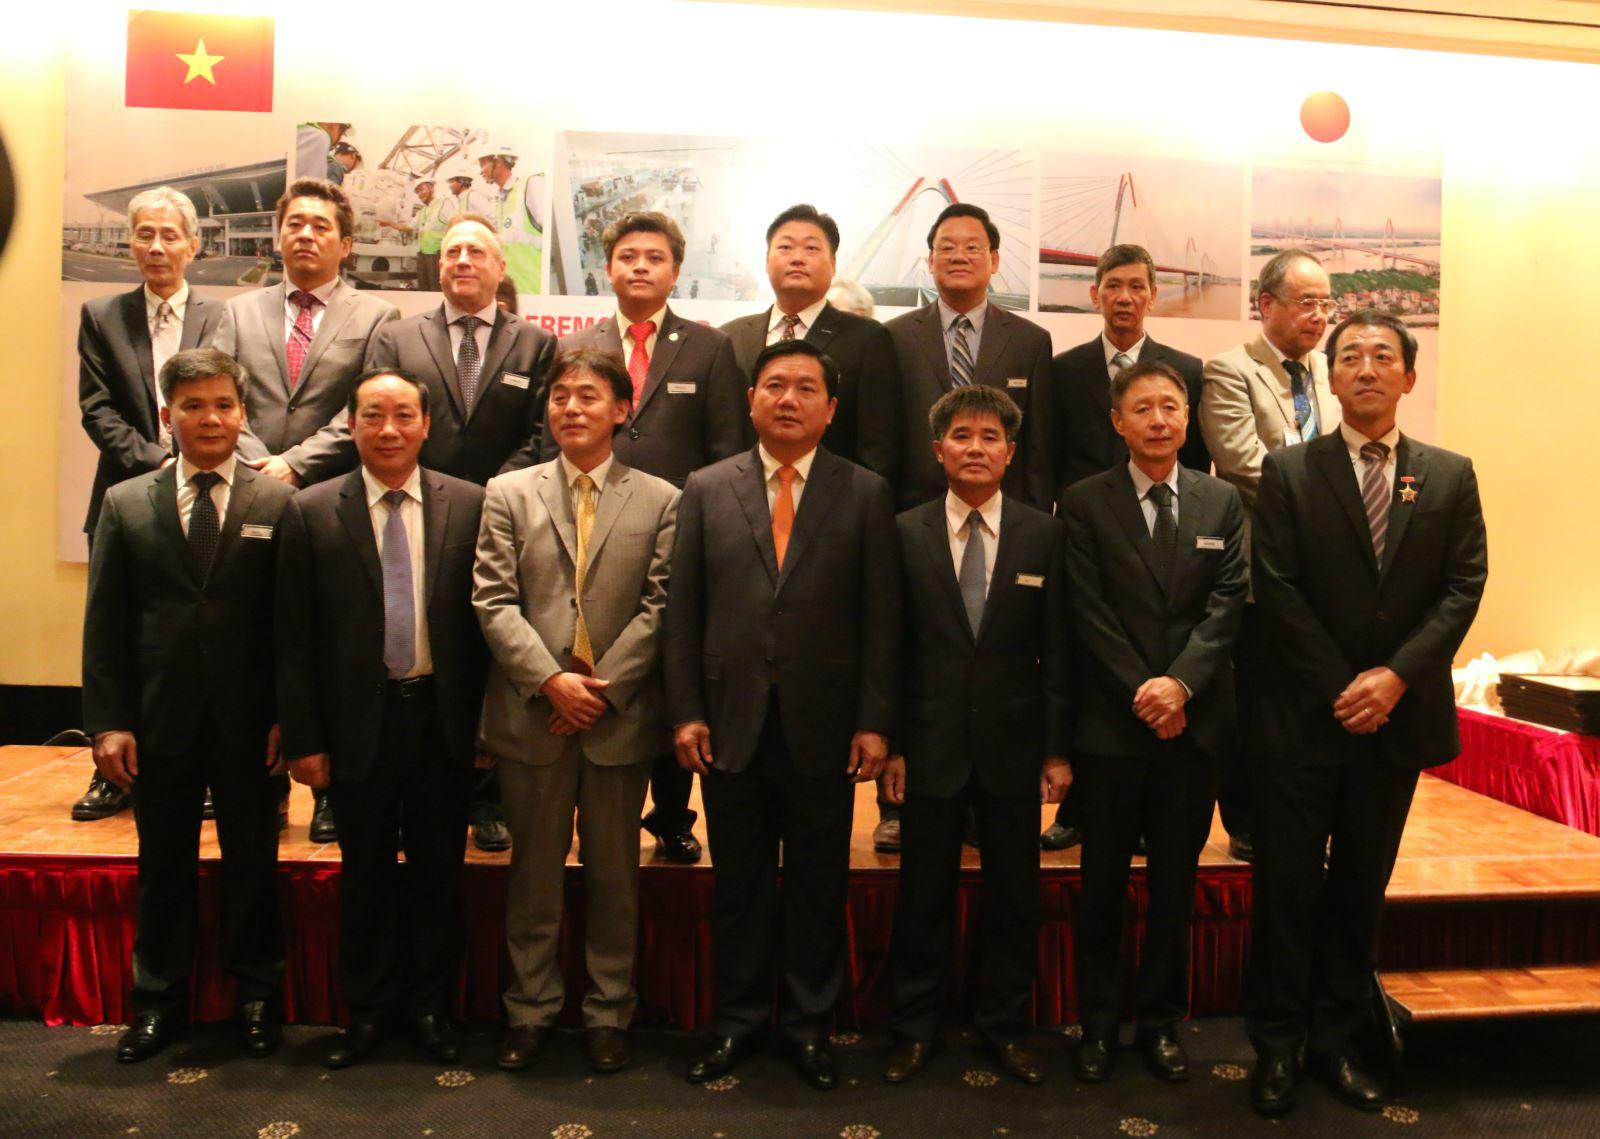 Bộ trưởng Đinh La Thăng  chụp ảnh lưu niệm cùng các đơn vị tham gia cụm dự án tại lễ trao giải